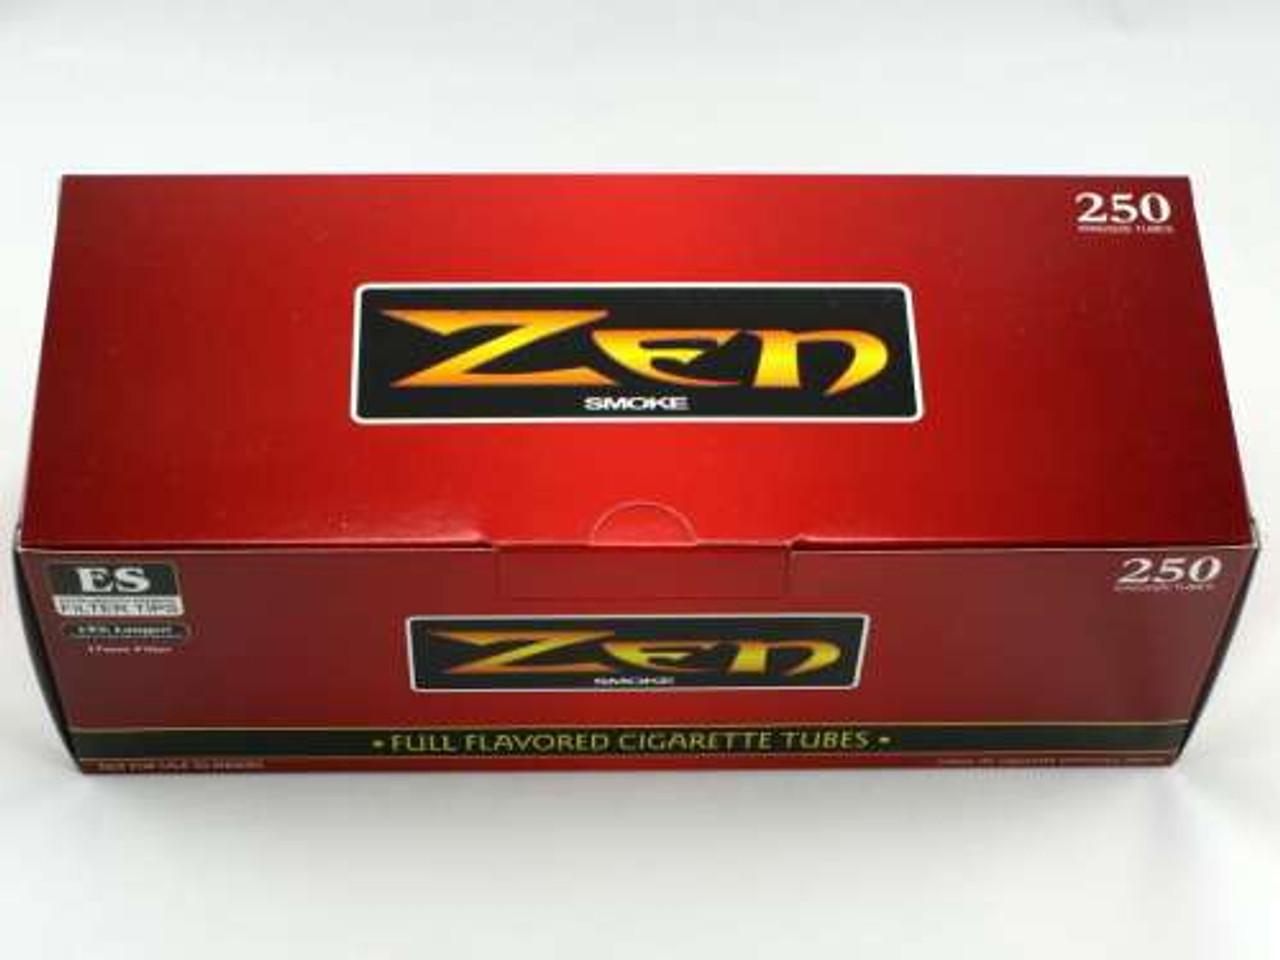 Zen Full Flavor King Size Cigarette Tubes